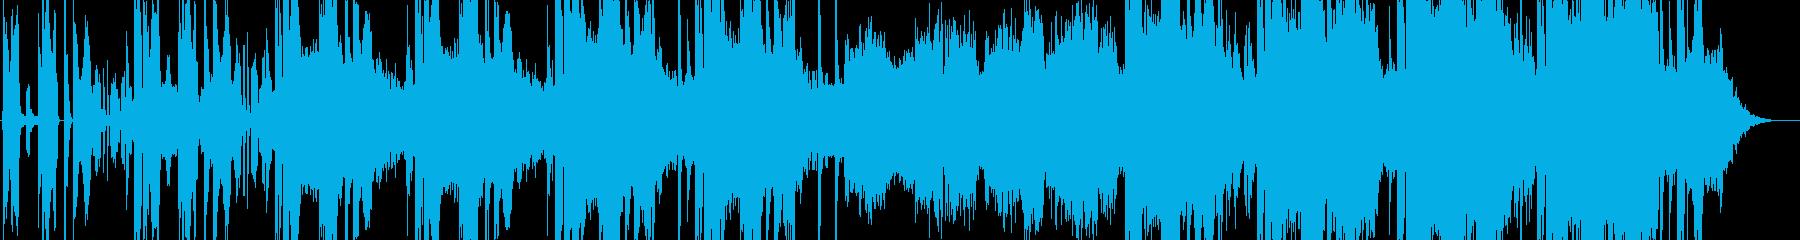 ☄☄ハロウィン・ゾンビ・ホラーBGM☄☄の再生済みの波形